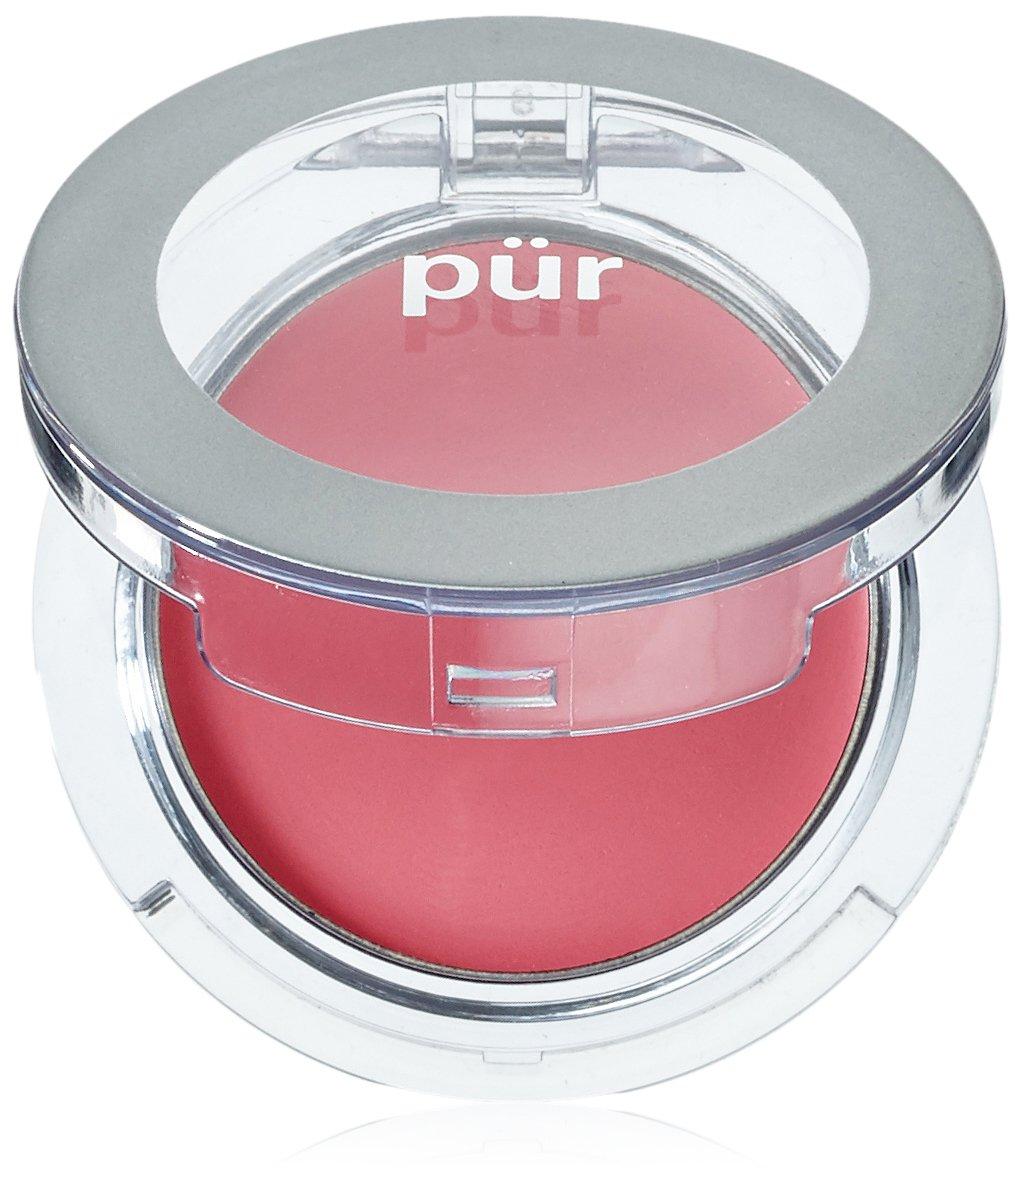 PÜR Chateau Cheeks Cream Blush, Flirt, 0.08 Ounce